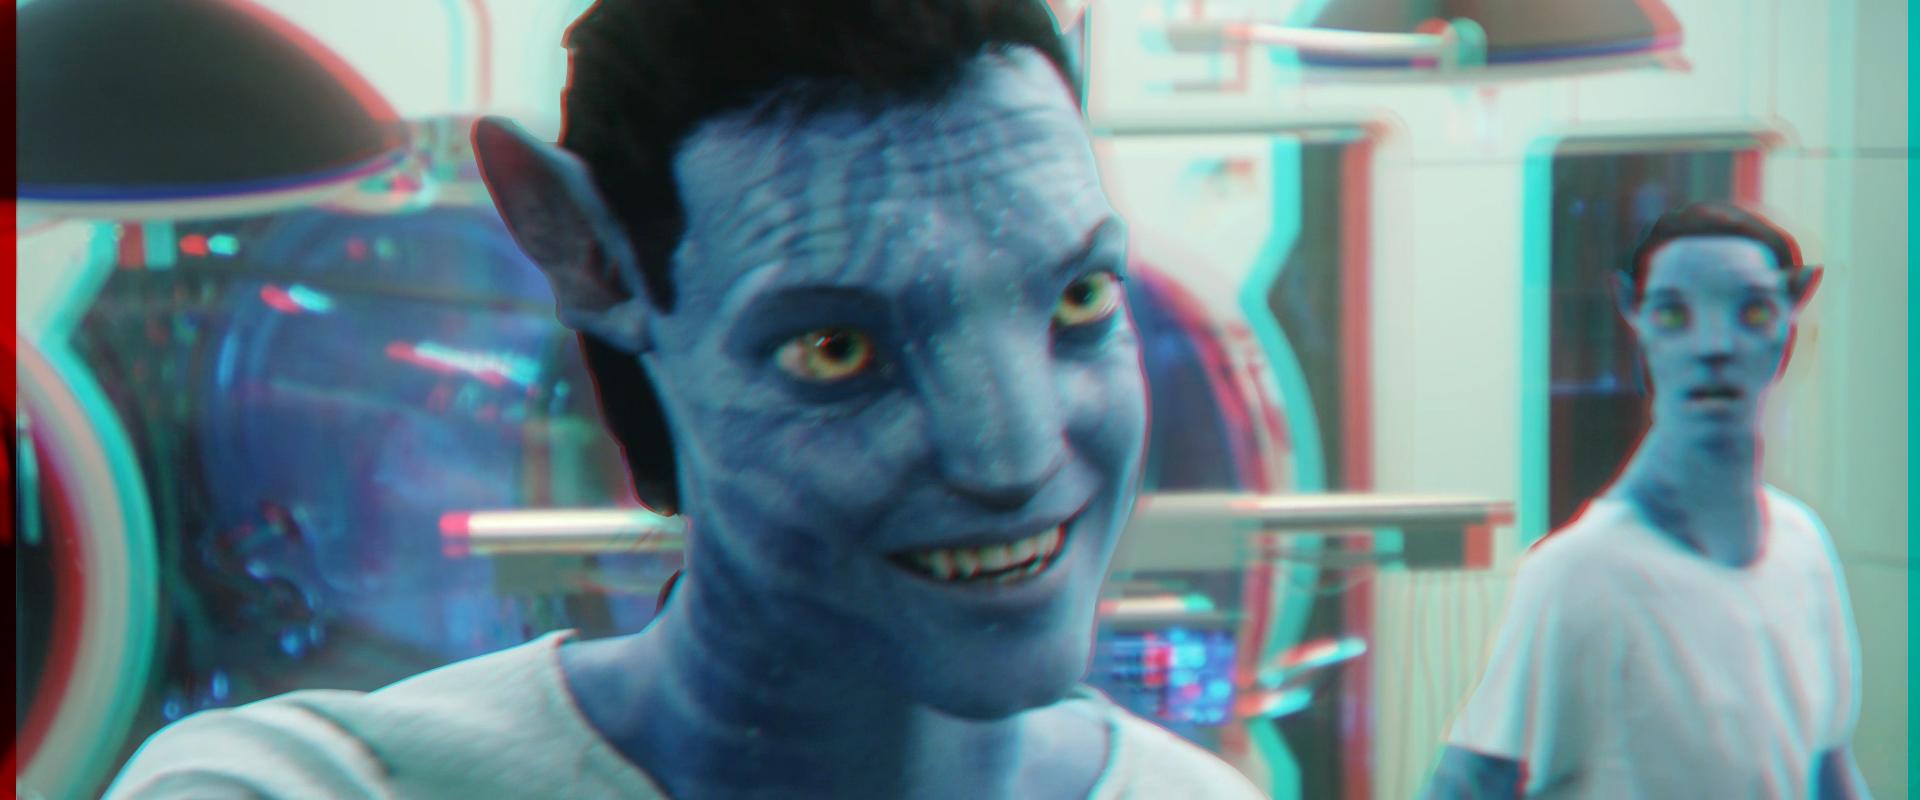 Avatar3dsex game erotica video